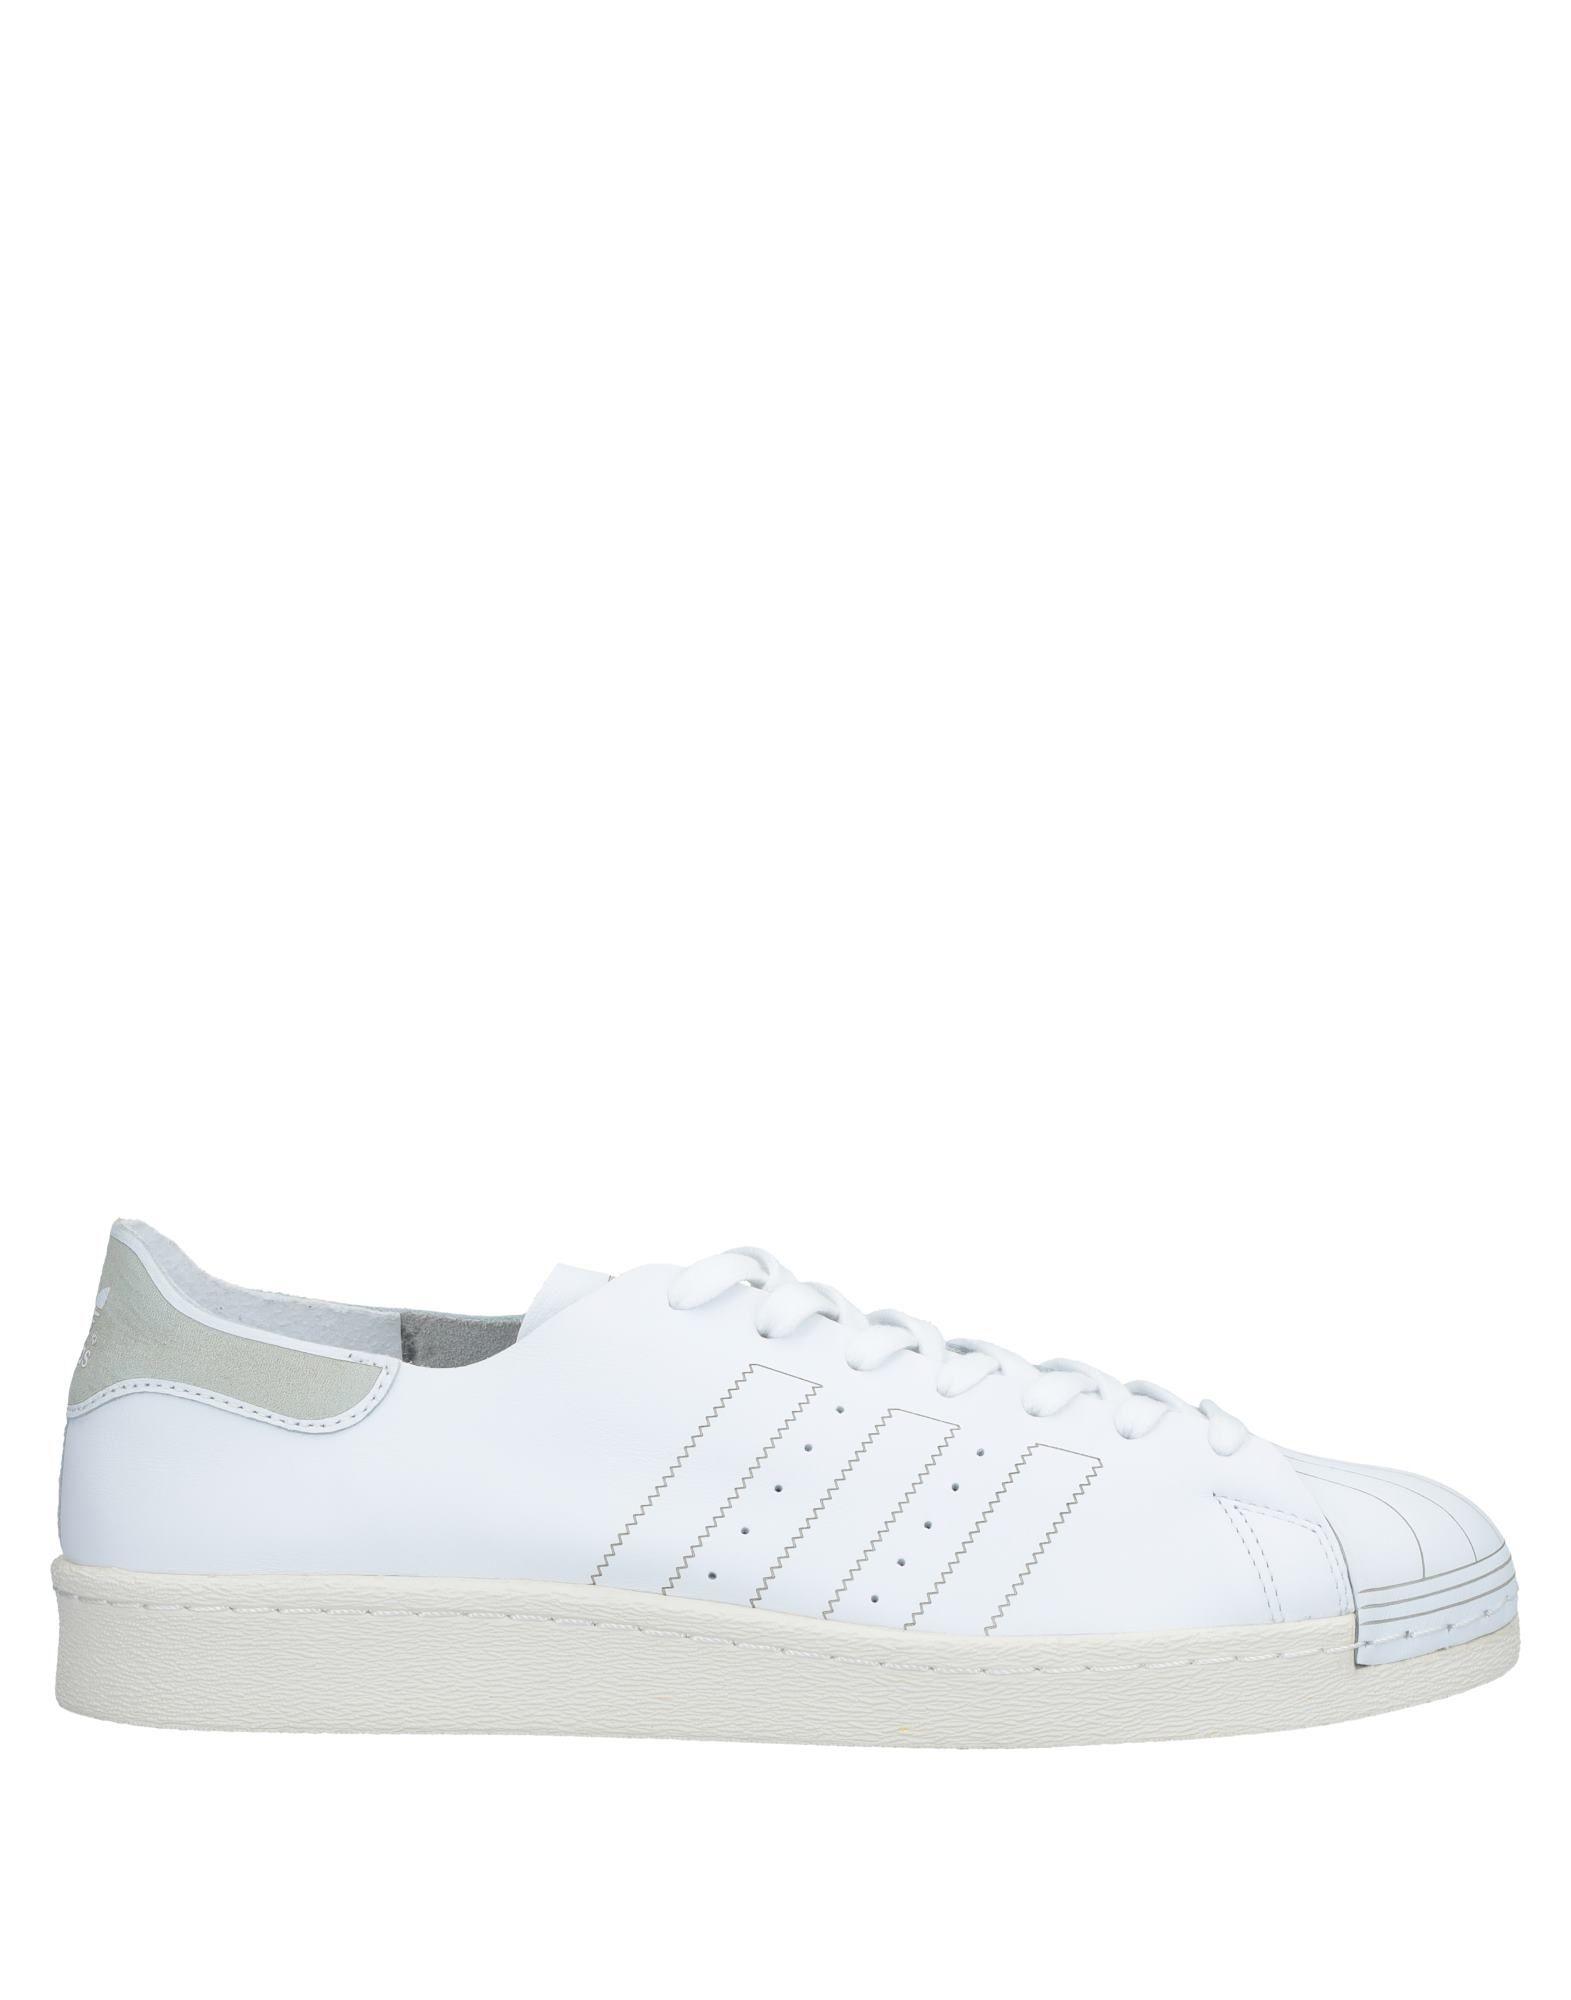 Baskets Adidas Originals Homme - Baskets Adidas Originals  Blanc Nouvelles chaussures pour hommes et femmes, remise limitée dans le temps